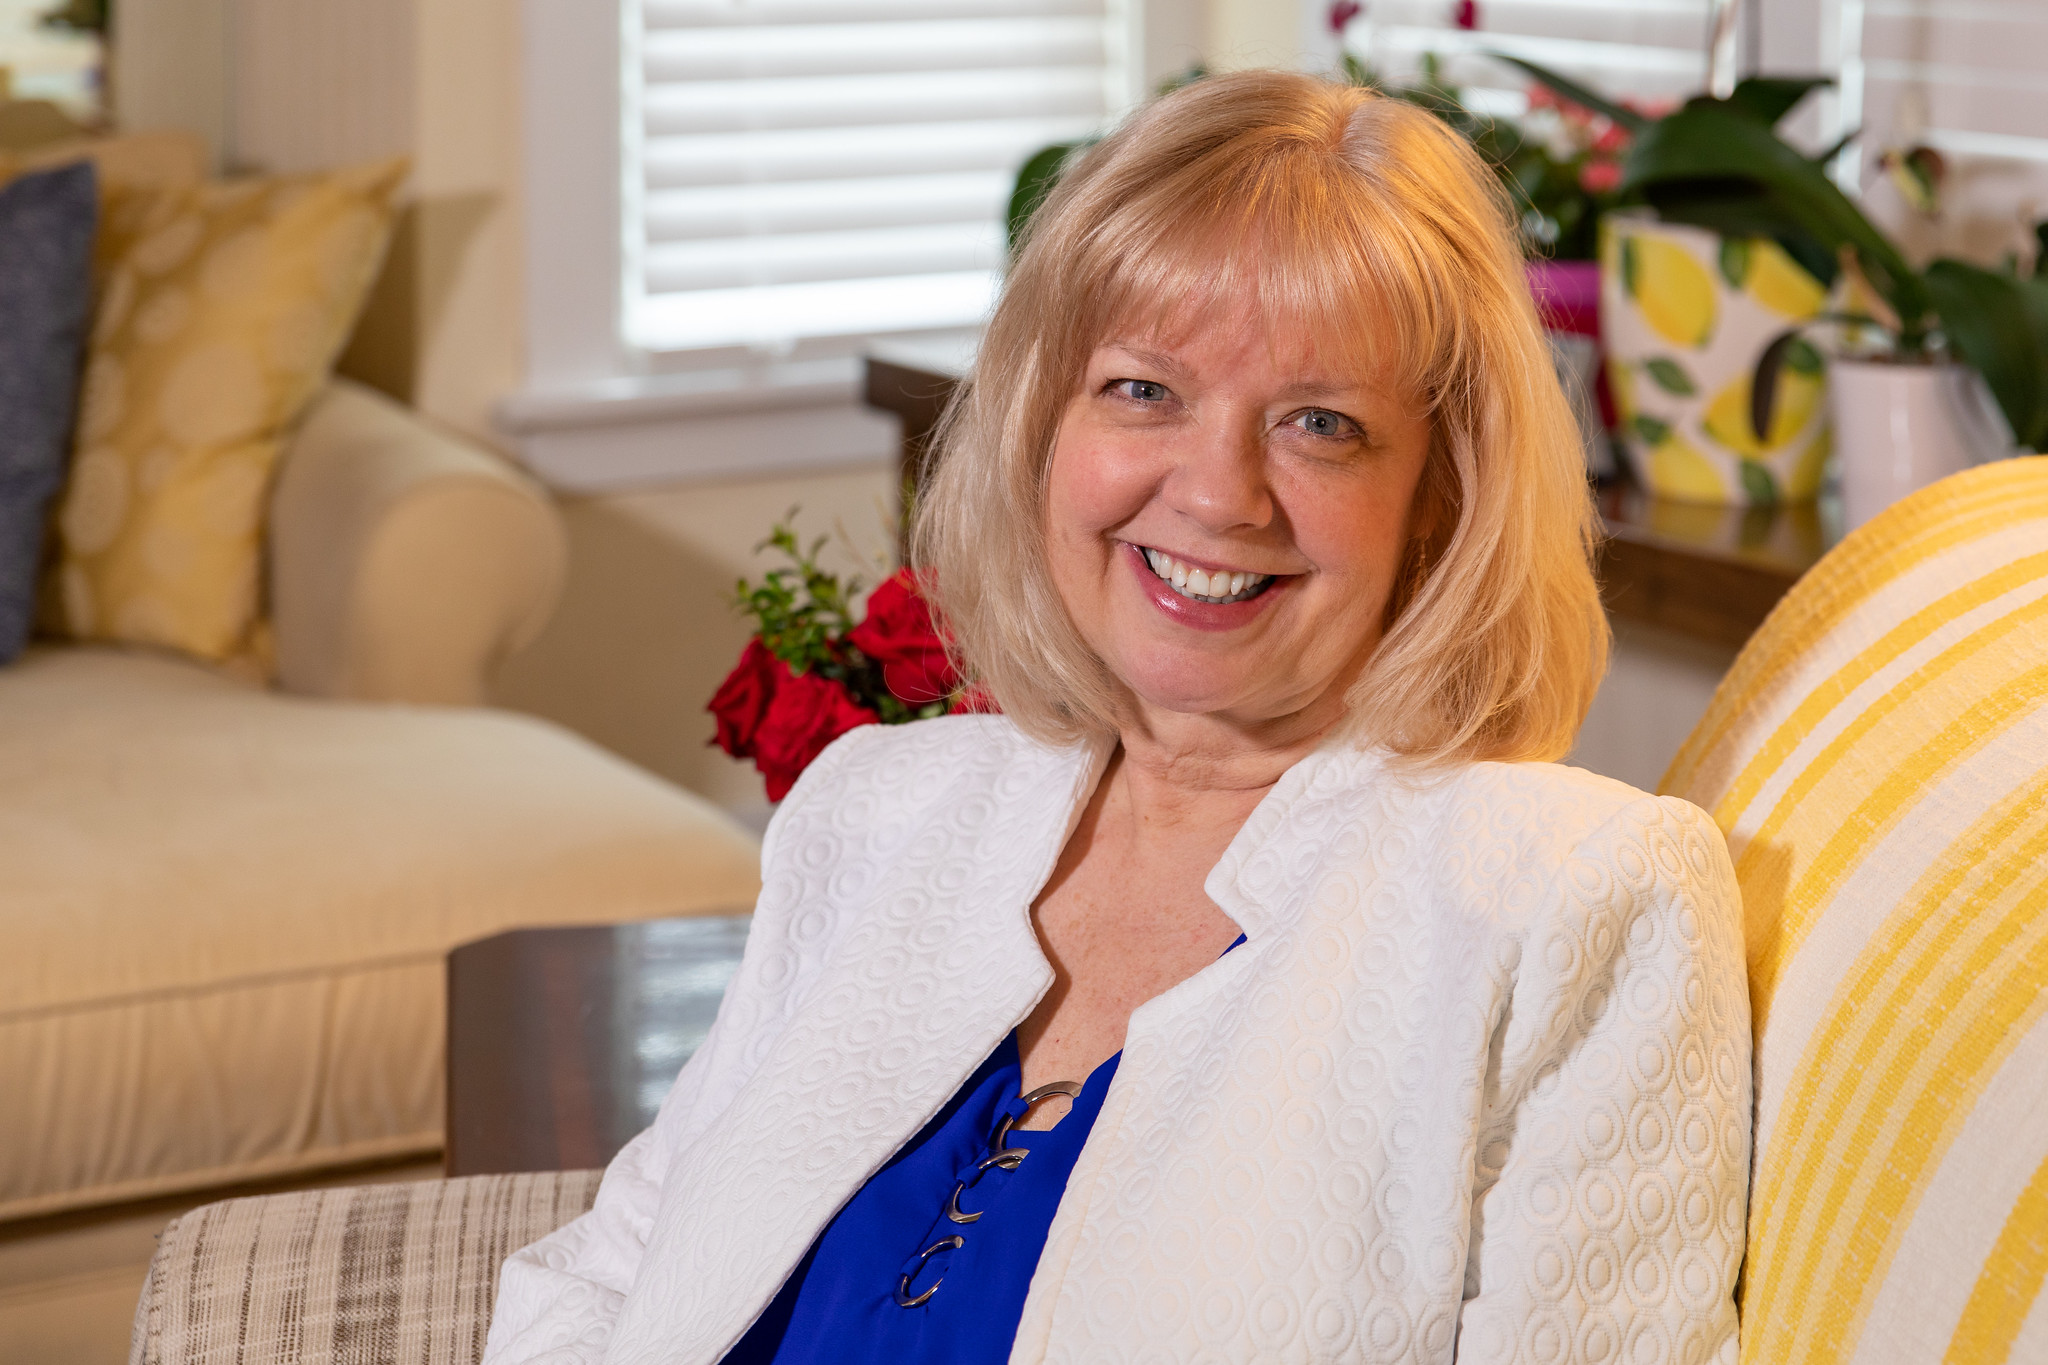 Dr. Karin Flostrom, Psy.D - Licensed Psychologist